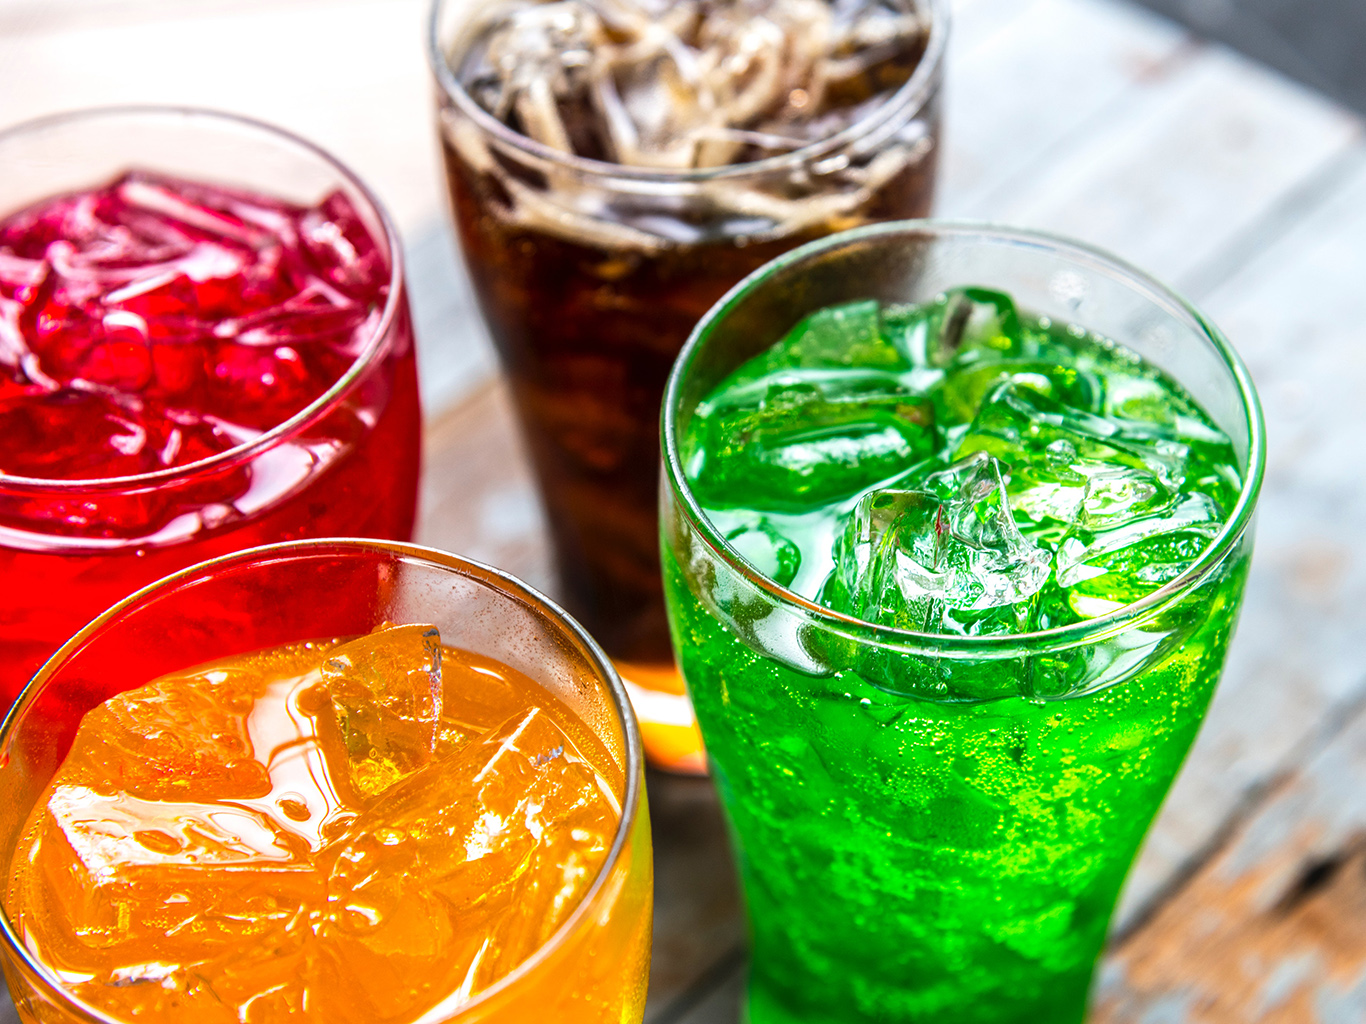 Сладкие газированные напитки: пить или не пить?